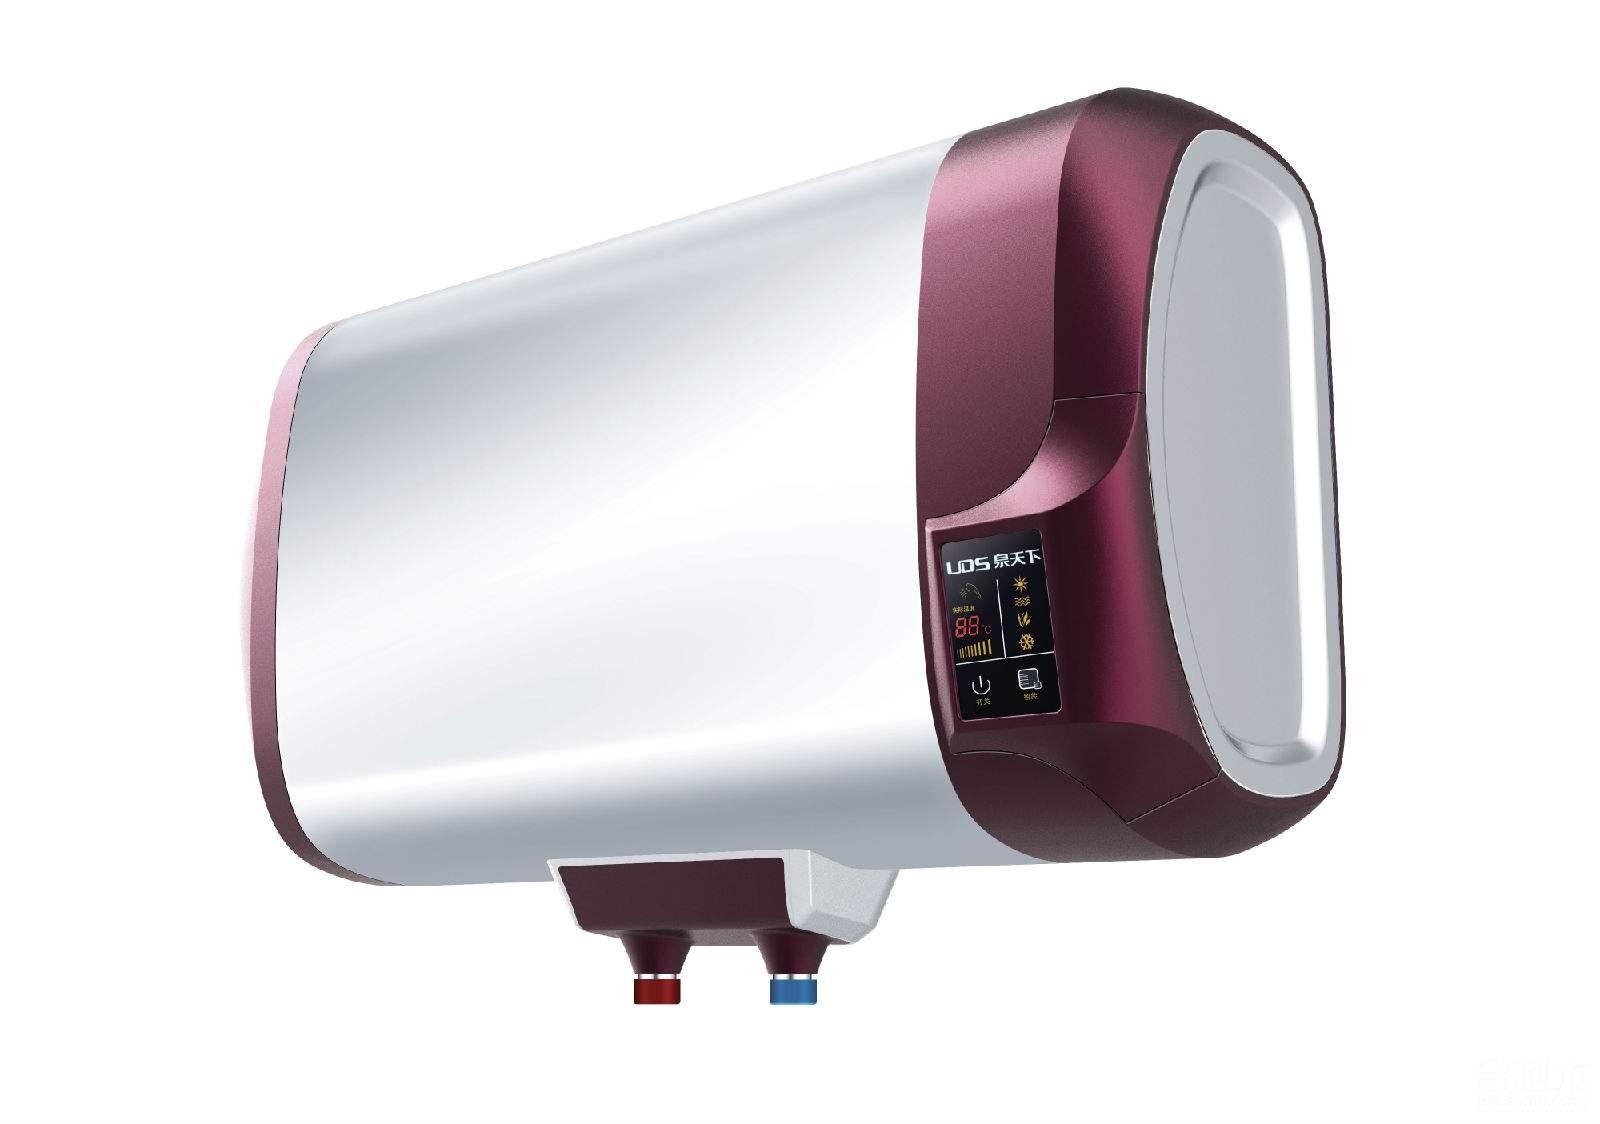 热水器哪个牌子好,装修公司,热水器,